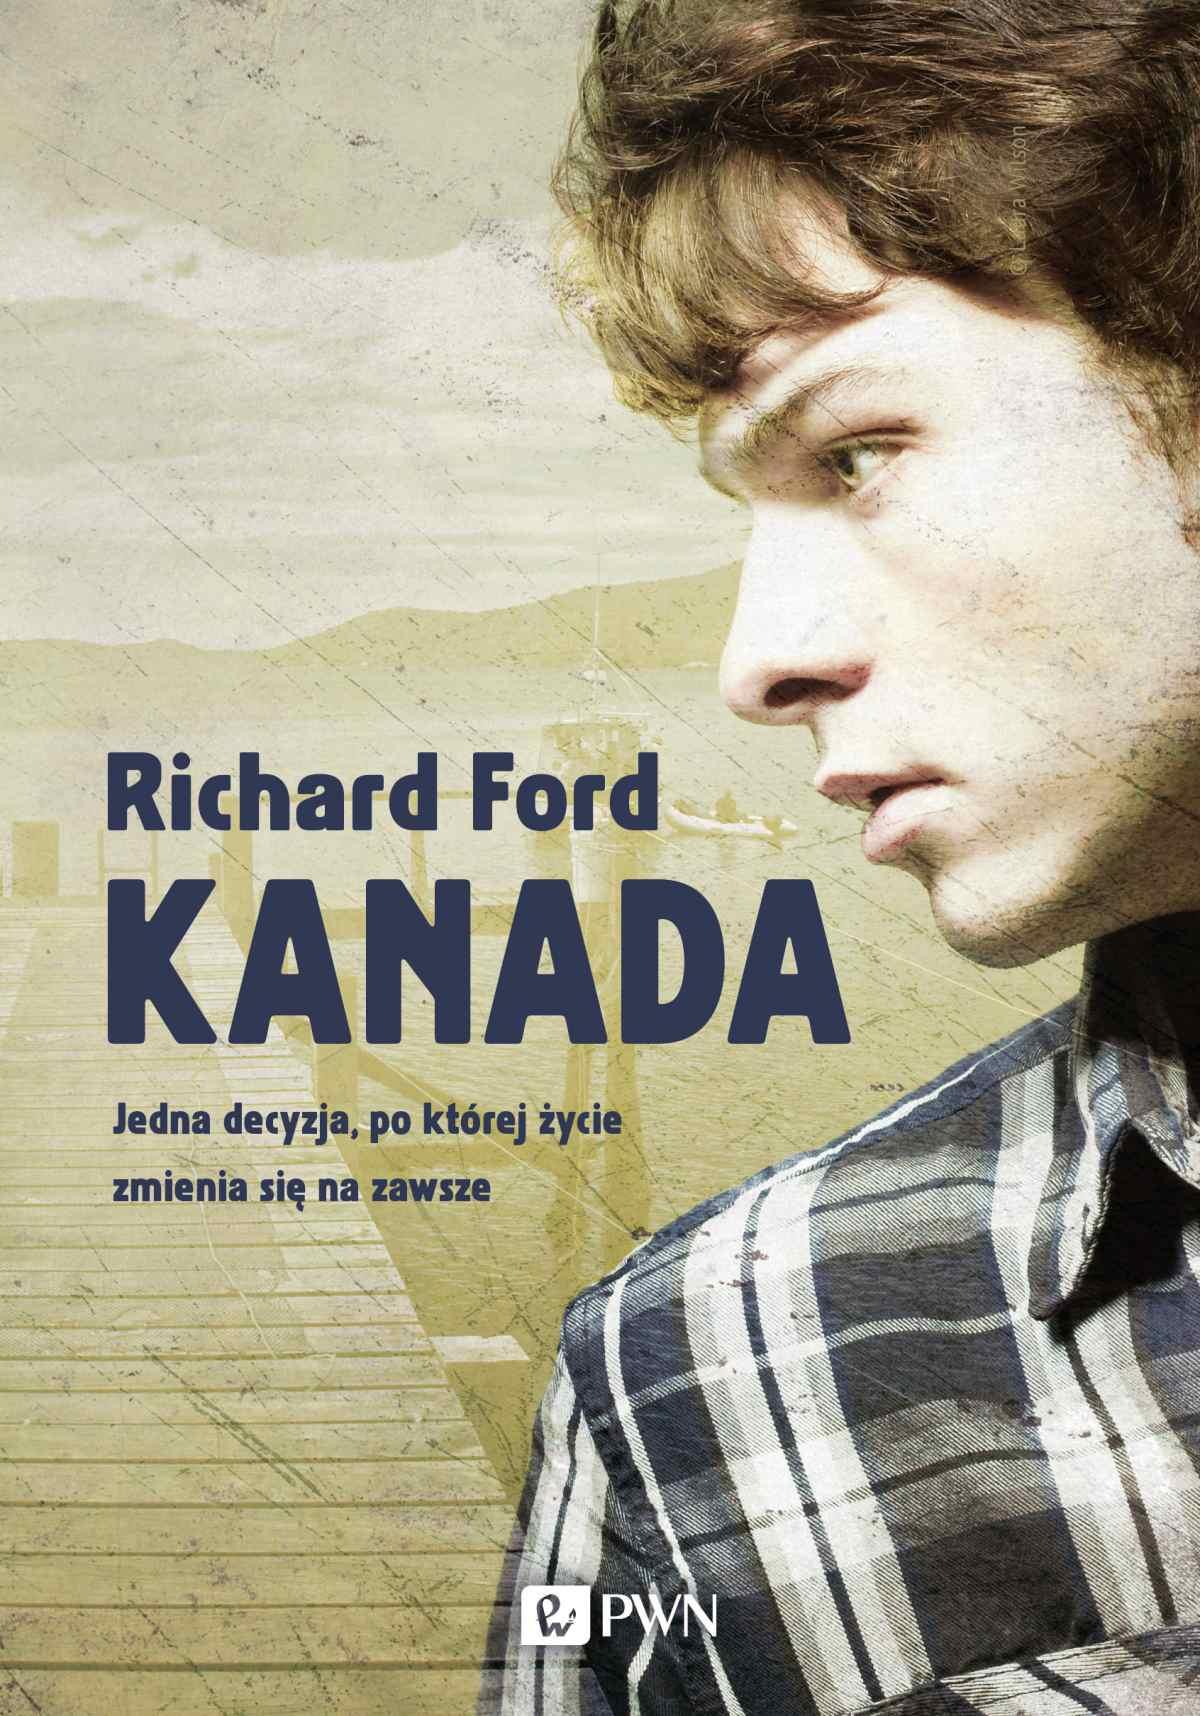 Kanada. Jedna decyzja, po której życie zmienia się na zawsze - Richard Ford